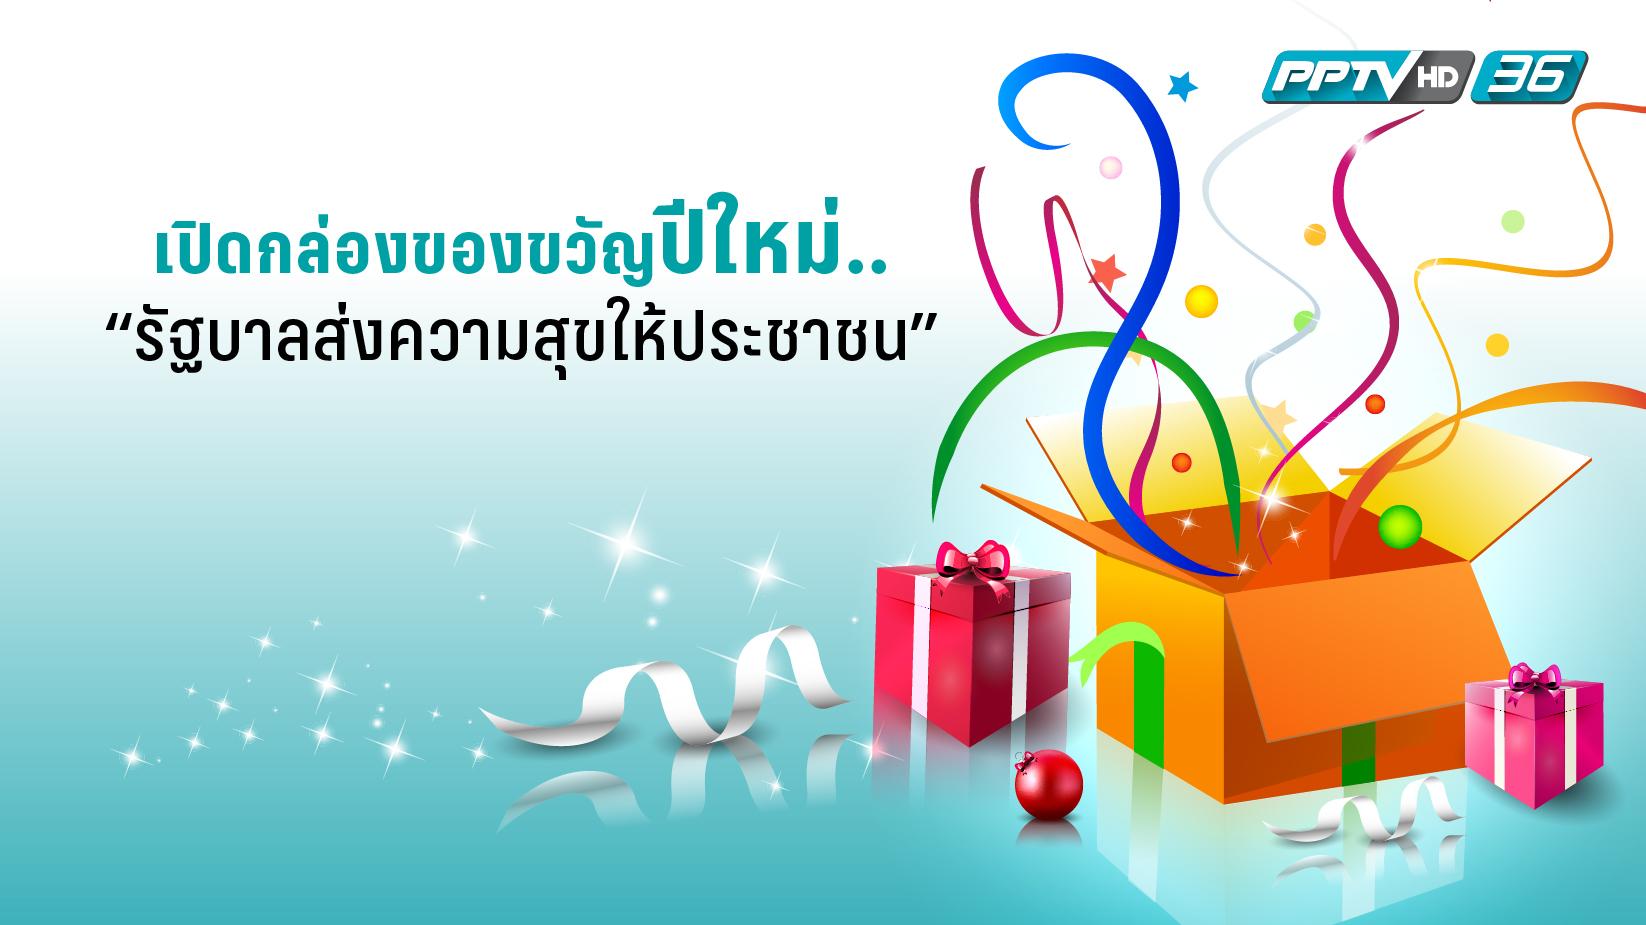 """เปิดกล่องของขวัญปีใหม่.. """"รัฐบาลส่งความสุขให้ประชาชน"""""""